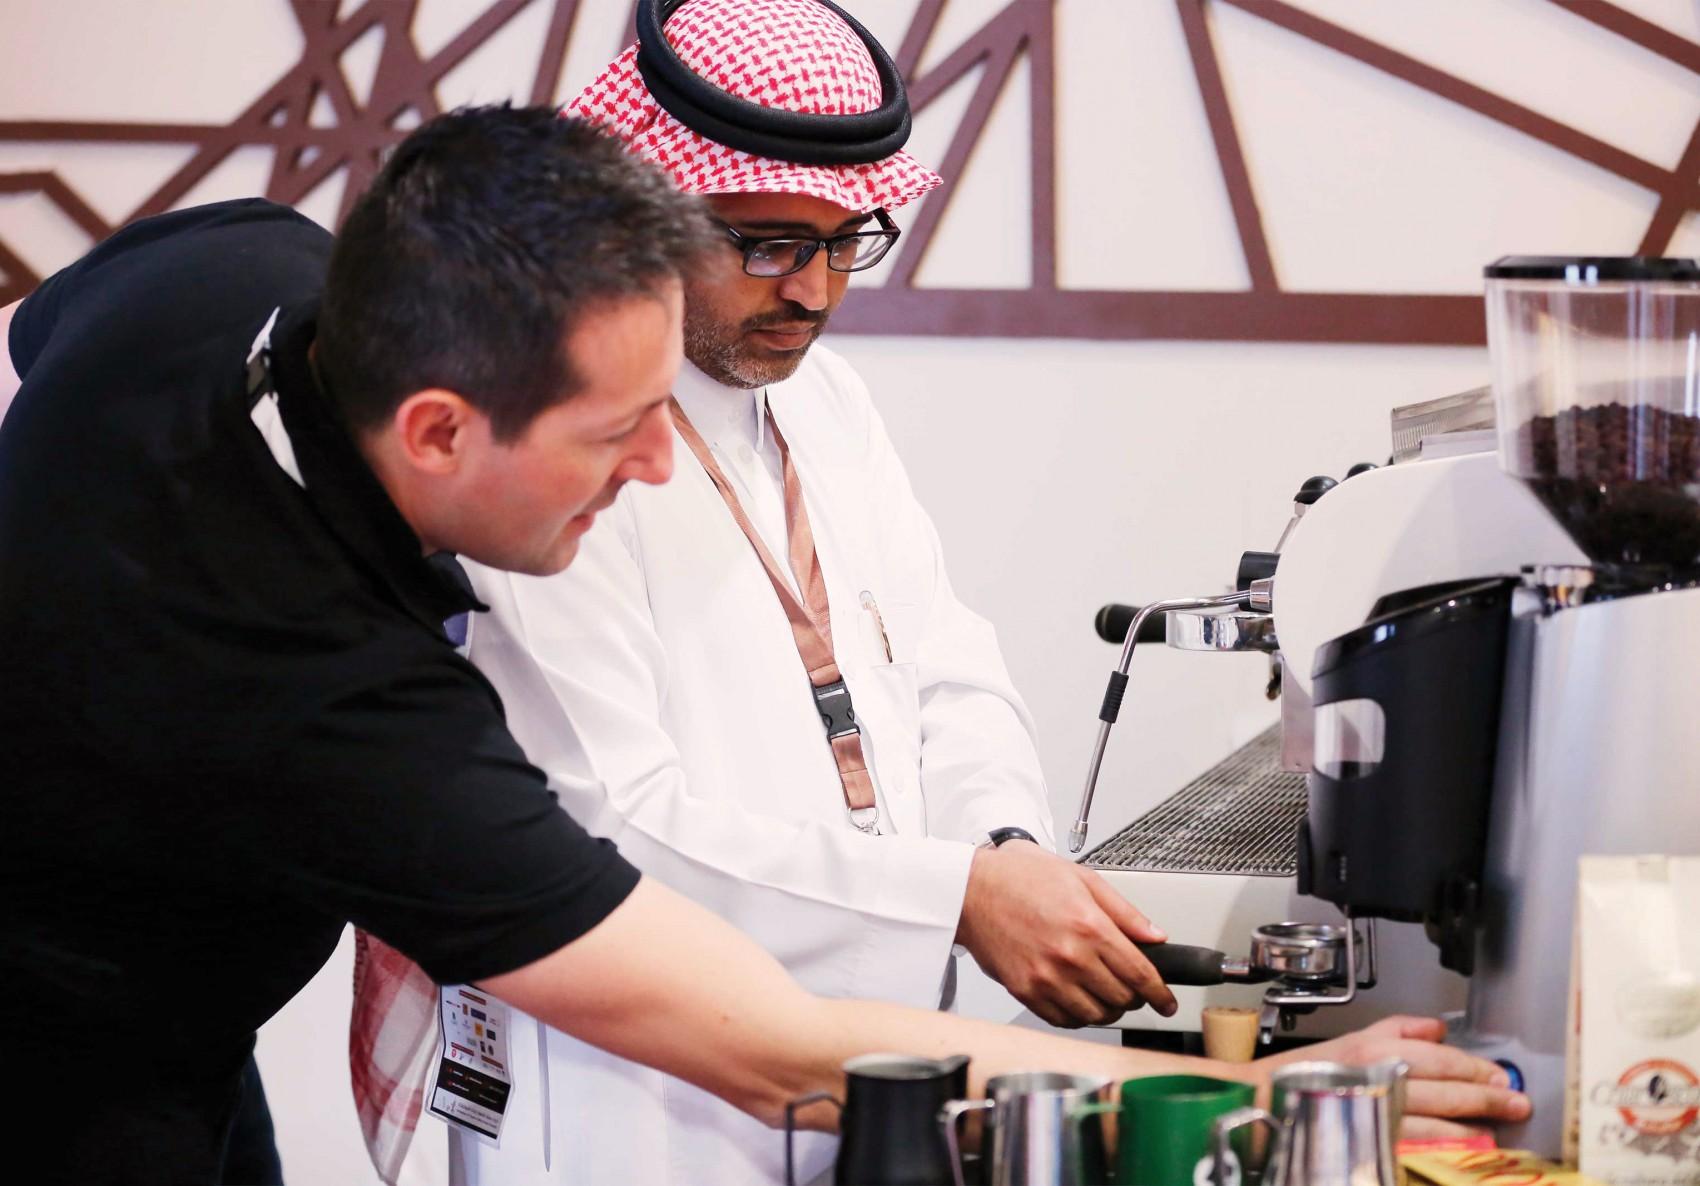 preparando cafe en Arabia